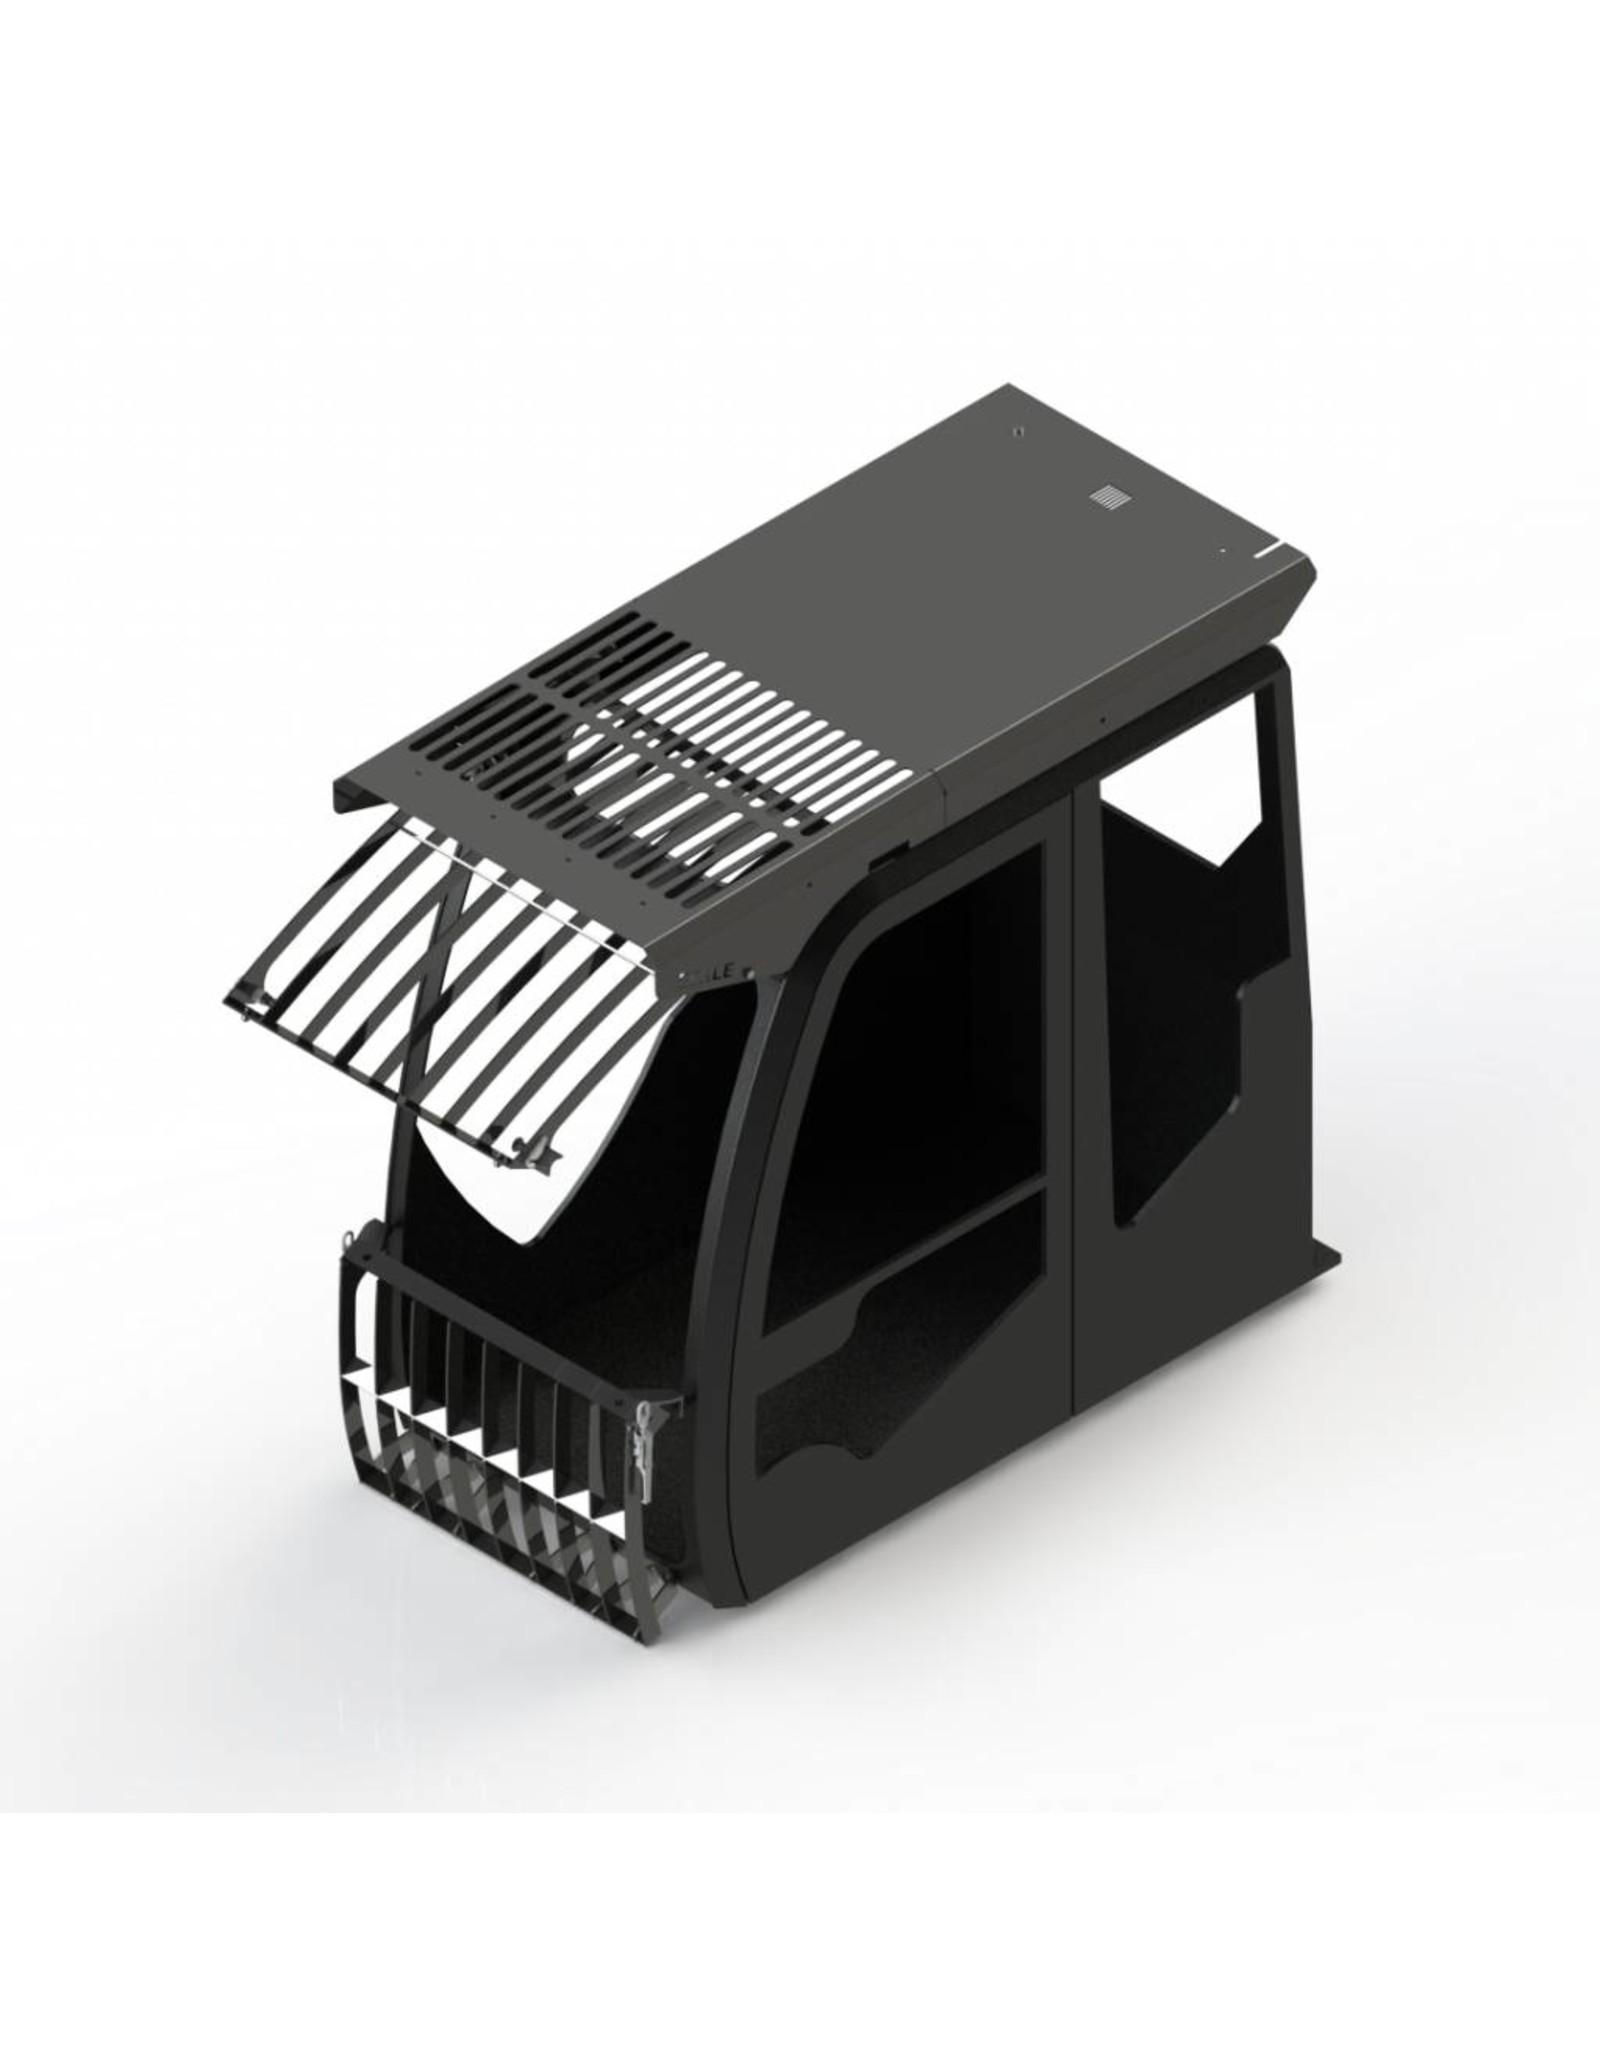 Echle Hartstahl GmbH FOPS pour Doosan DX225LC-5